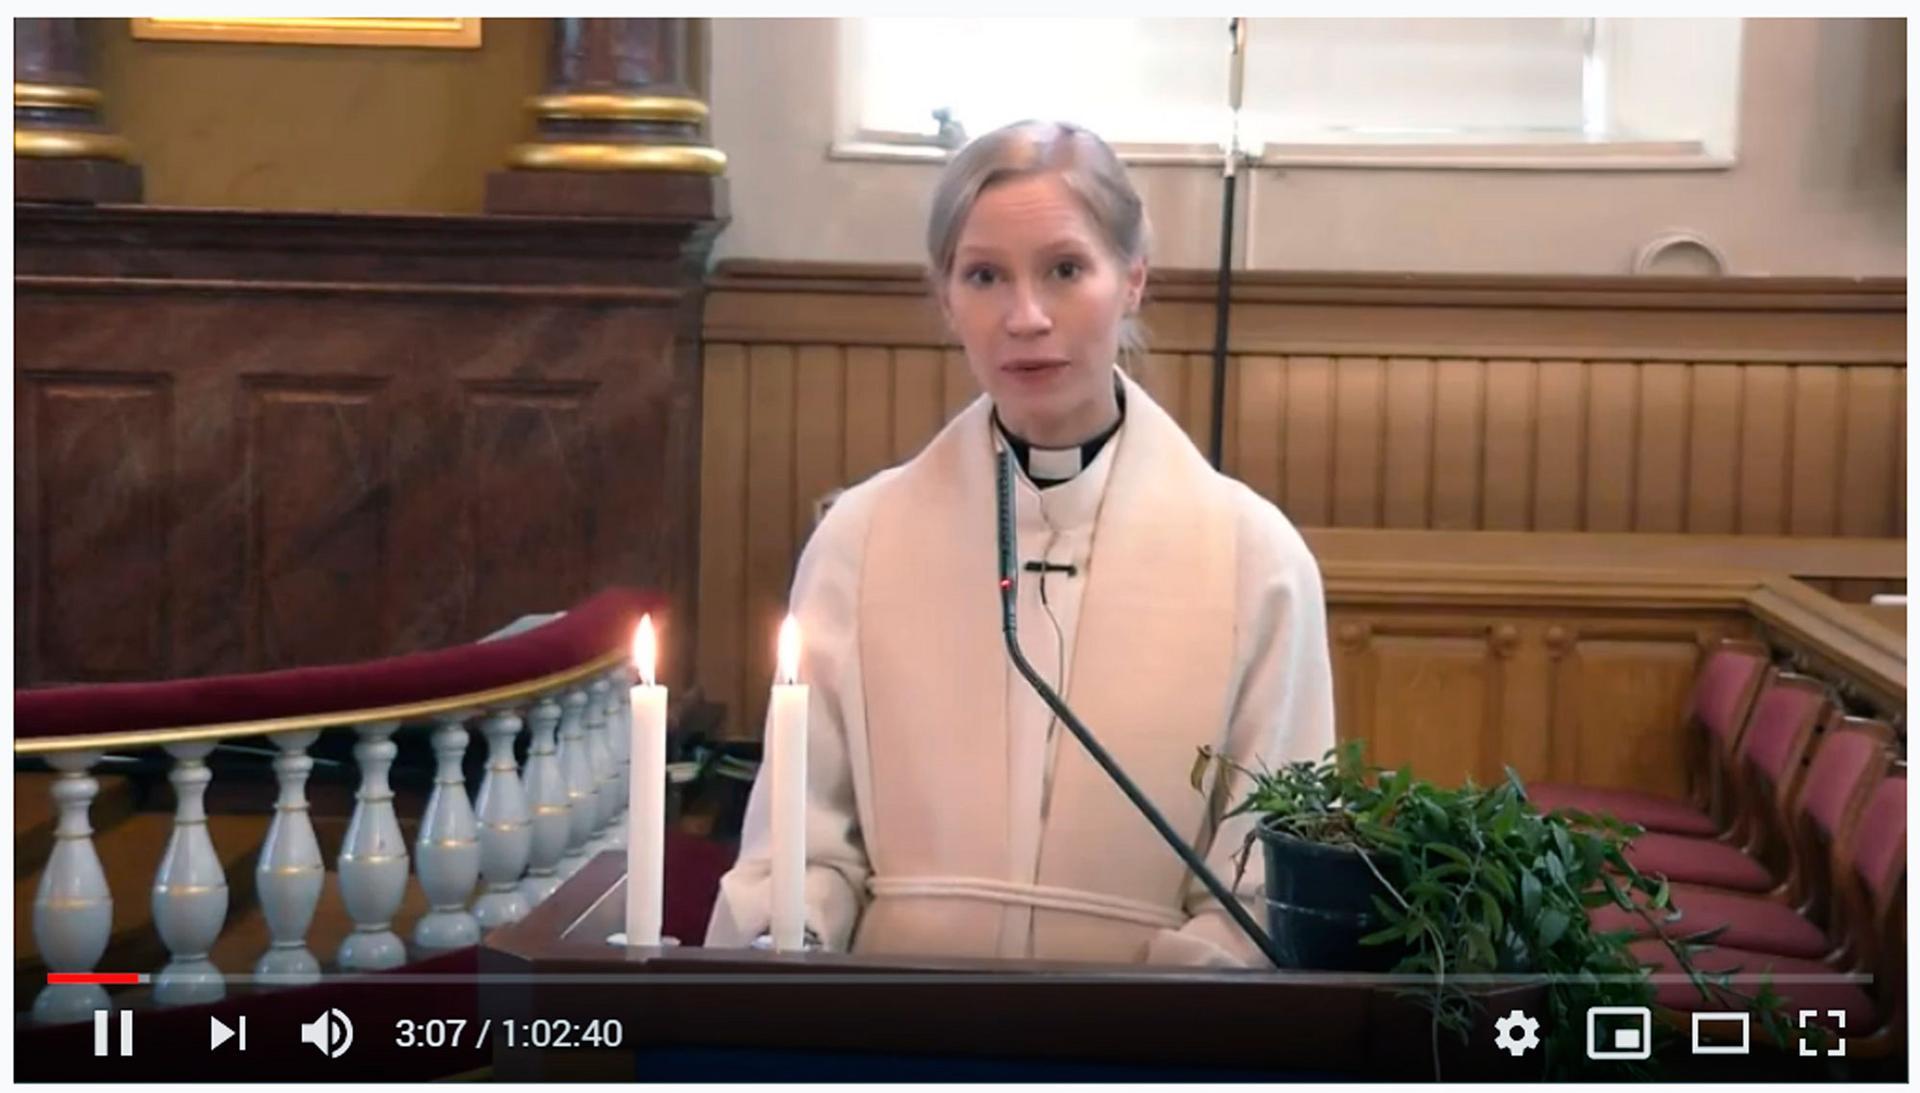 Citypappi Riikka Hämäläinen toimitti sanajumalanpalveluksen Kangasalan kirkossa viime sunnuntaina. Jumalanpalvelus on katsottavissa seurakunnan Youtube-kanavalla.